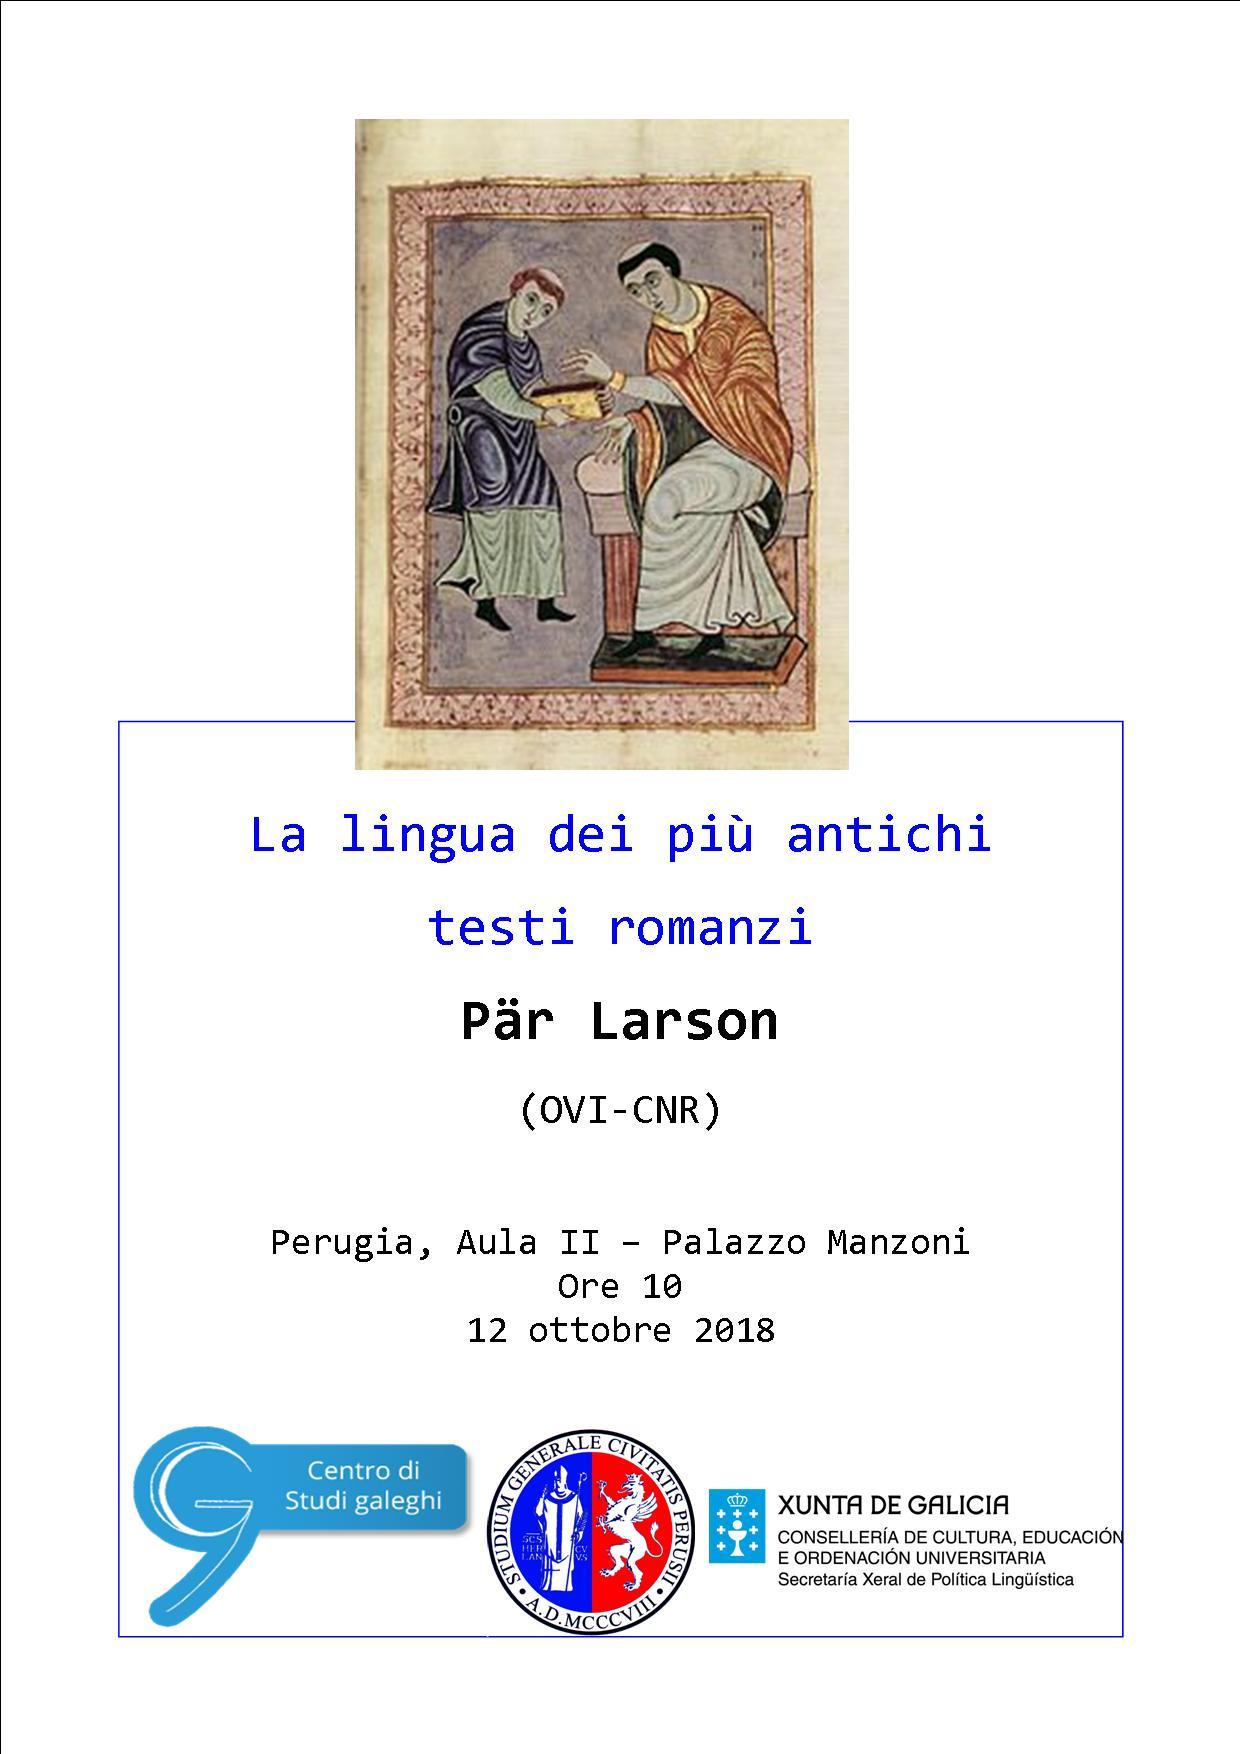 Conferenza – Pär Larson